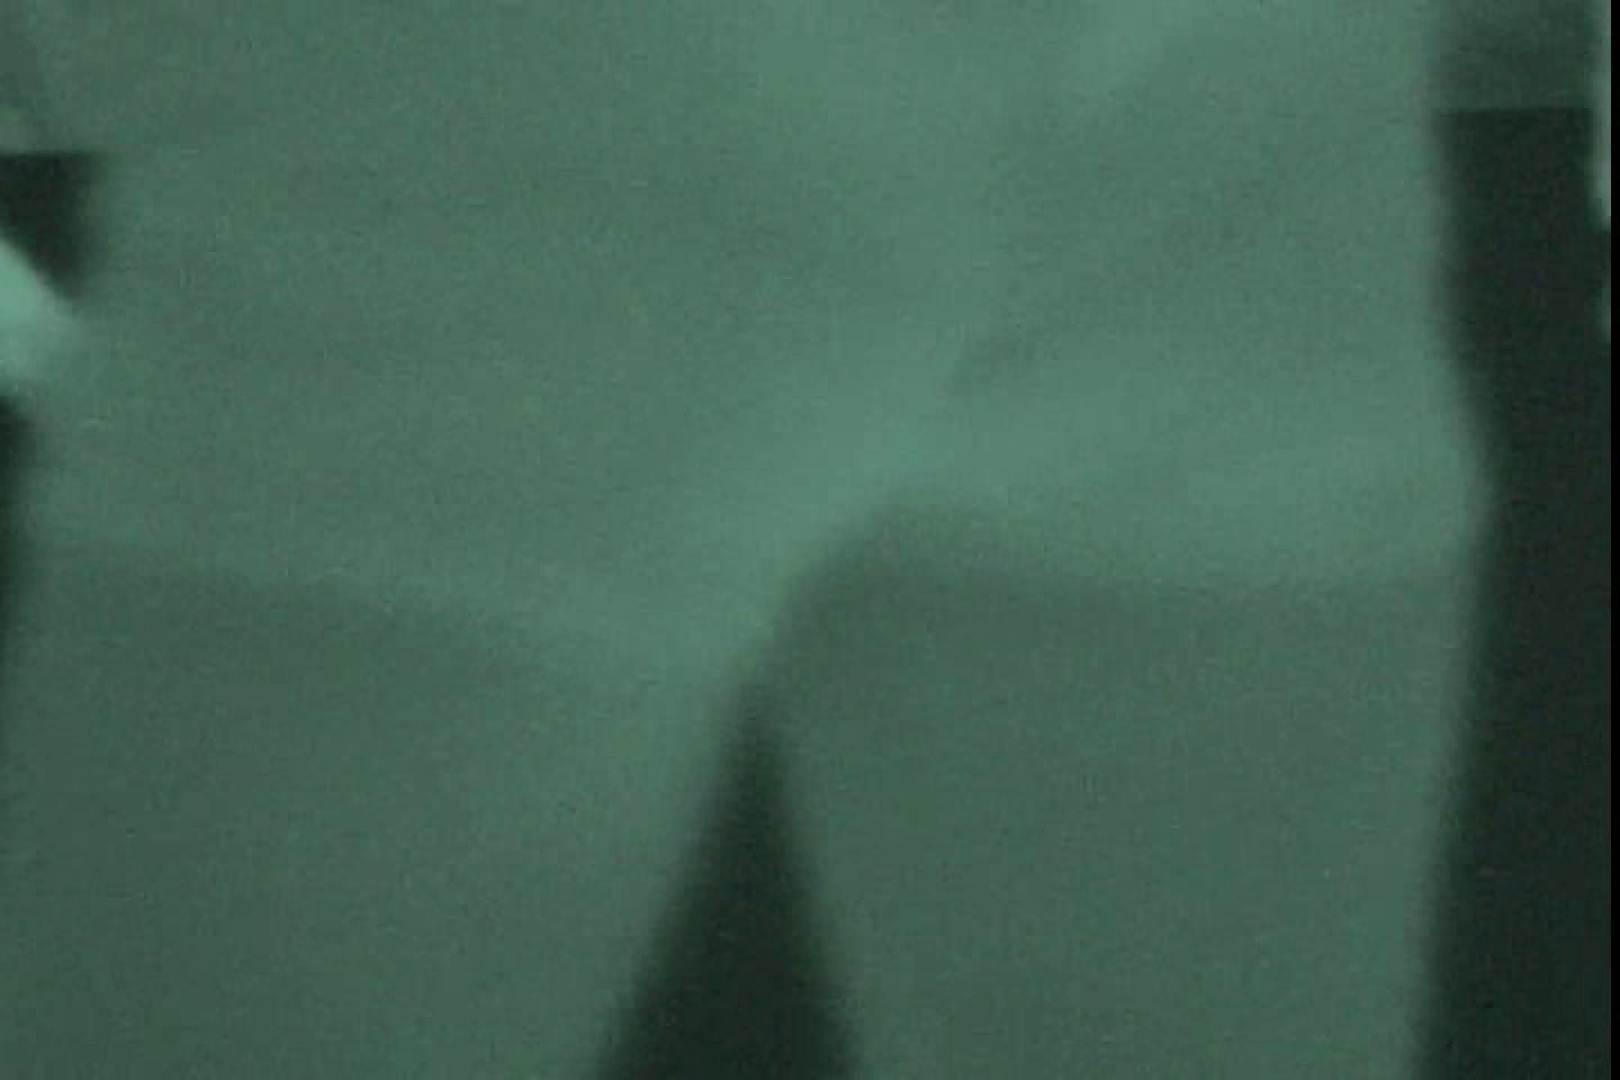 赤外線ムレスケバレー(汗) vol.02 赤外線 | アスリート  103PIX 67